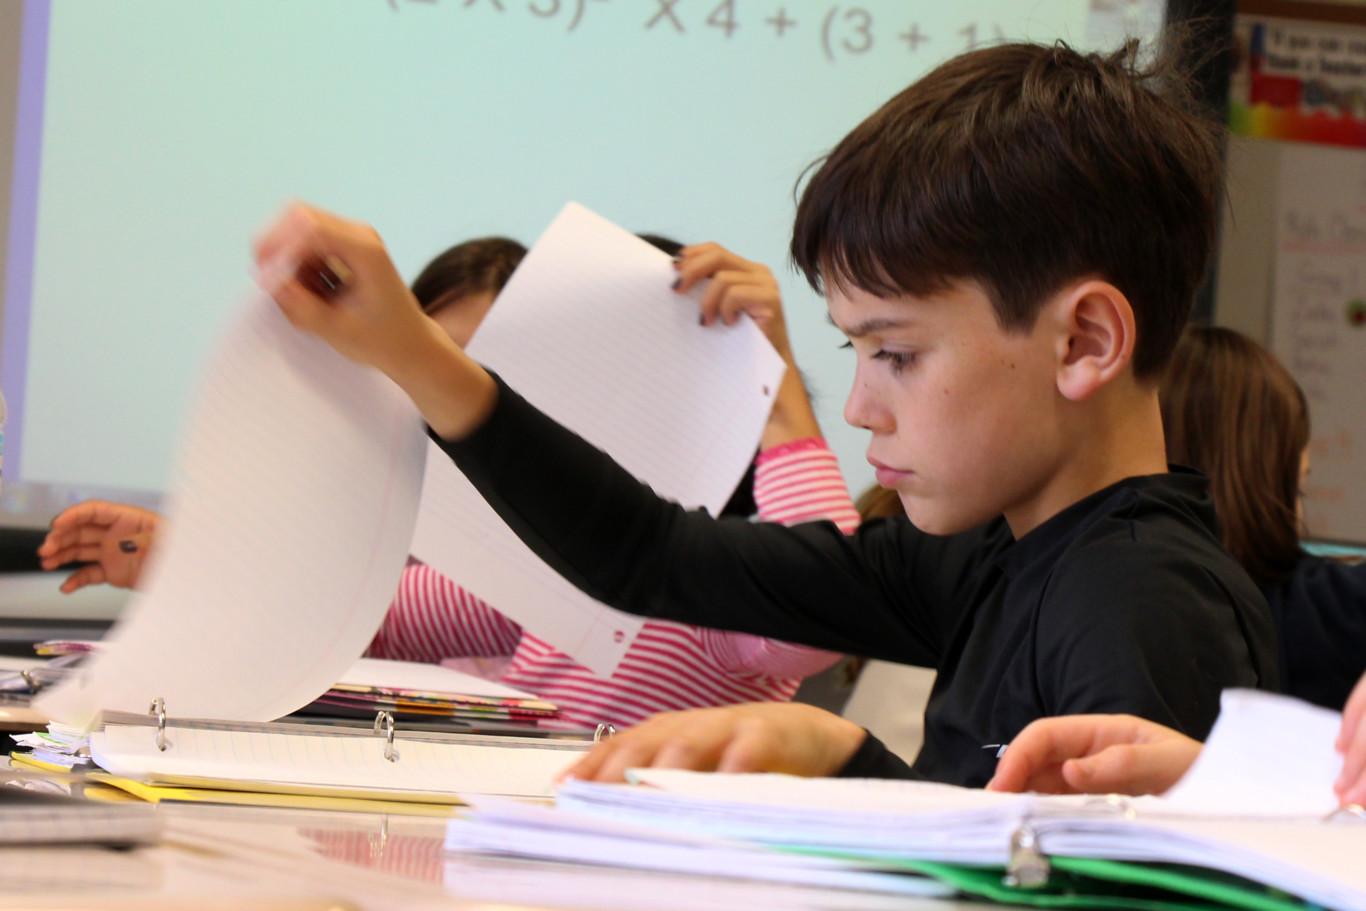 Lo contraproducente de tener expectativas académicamente altas con nuestros hijos